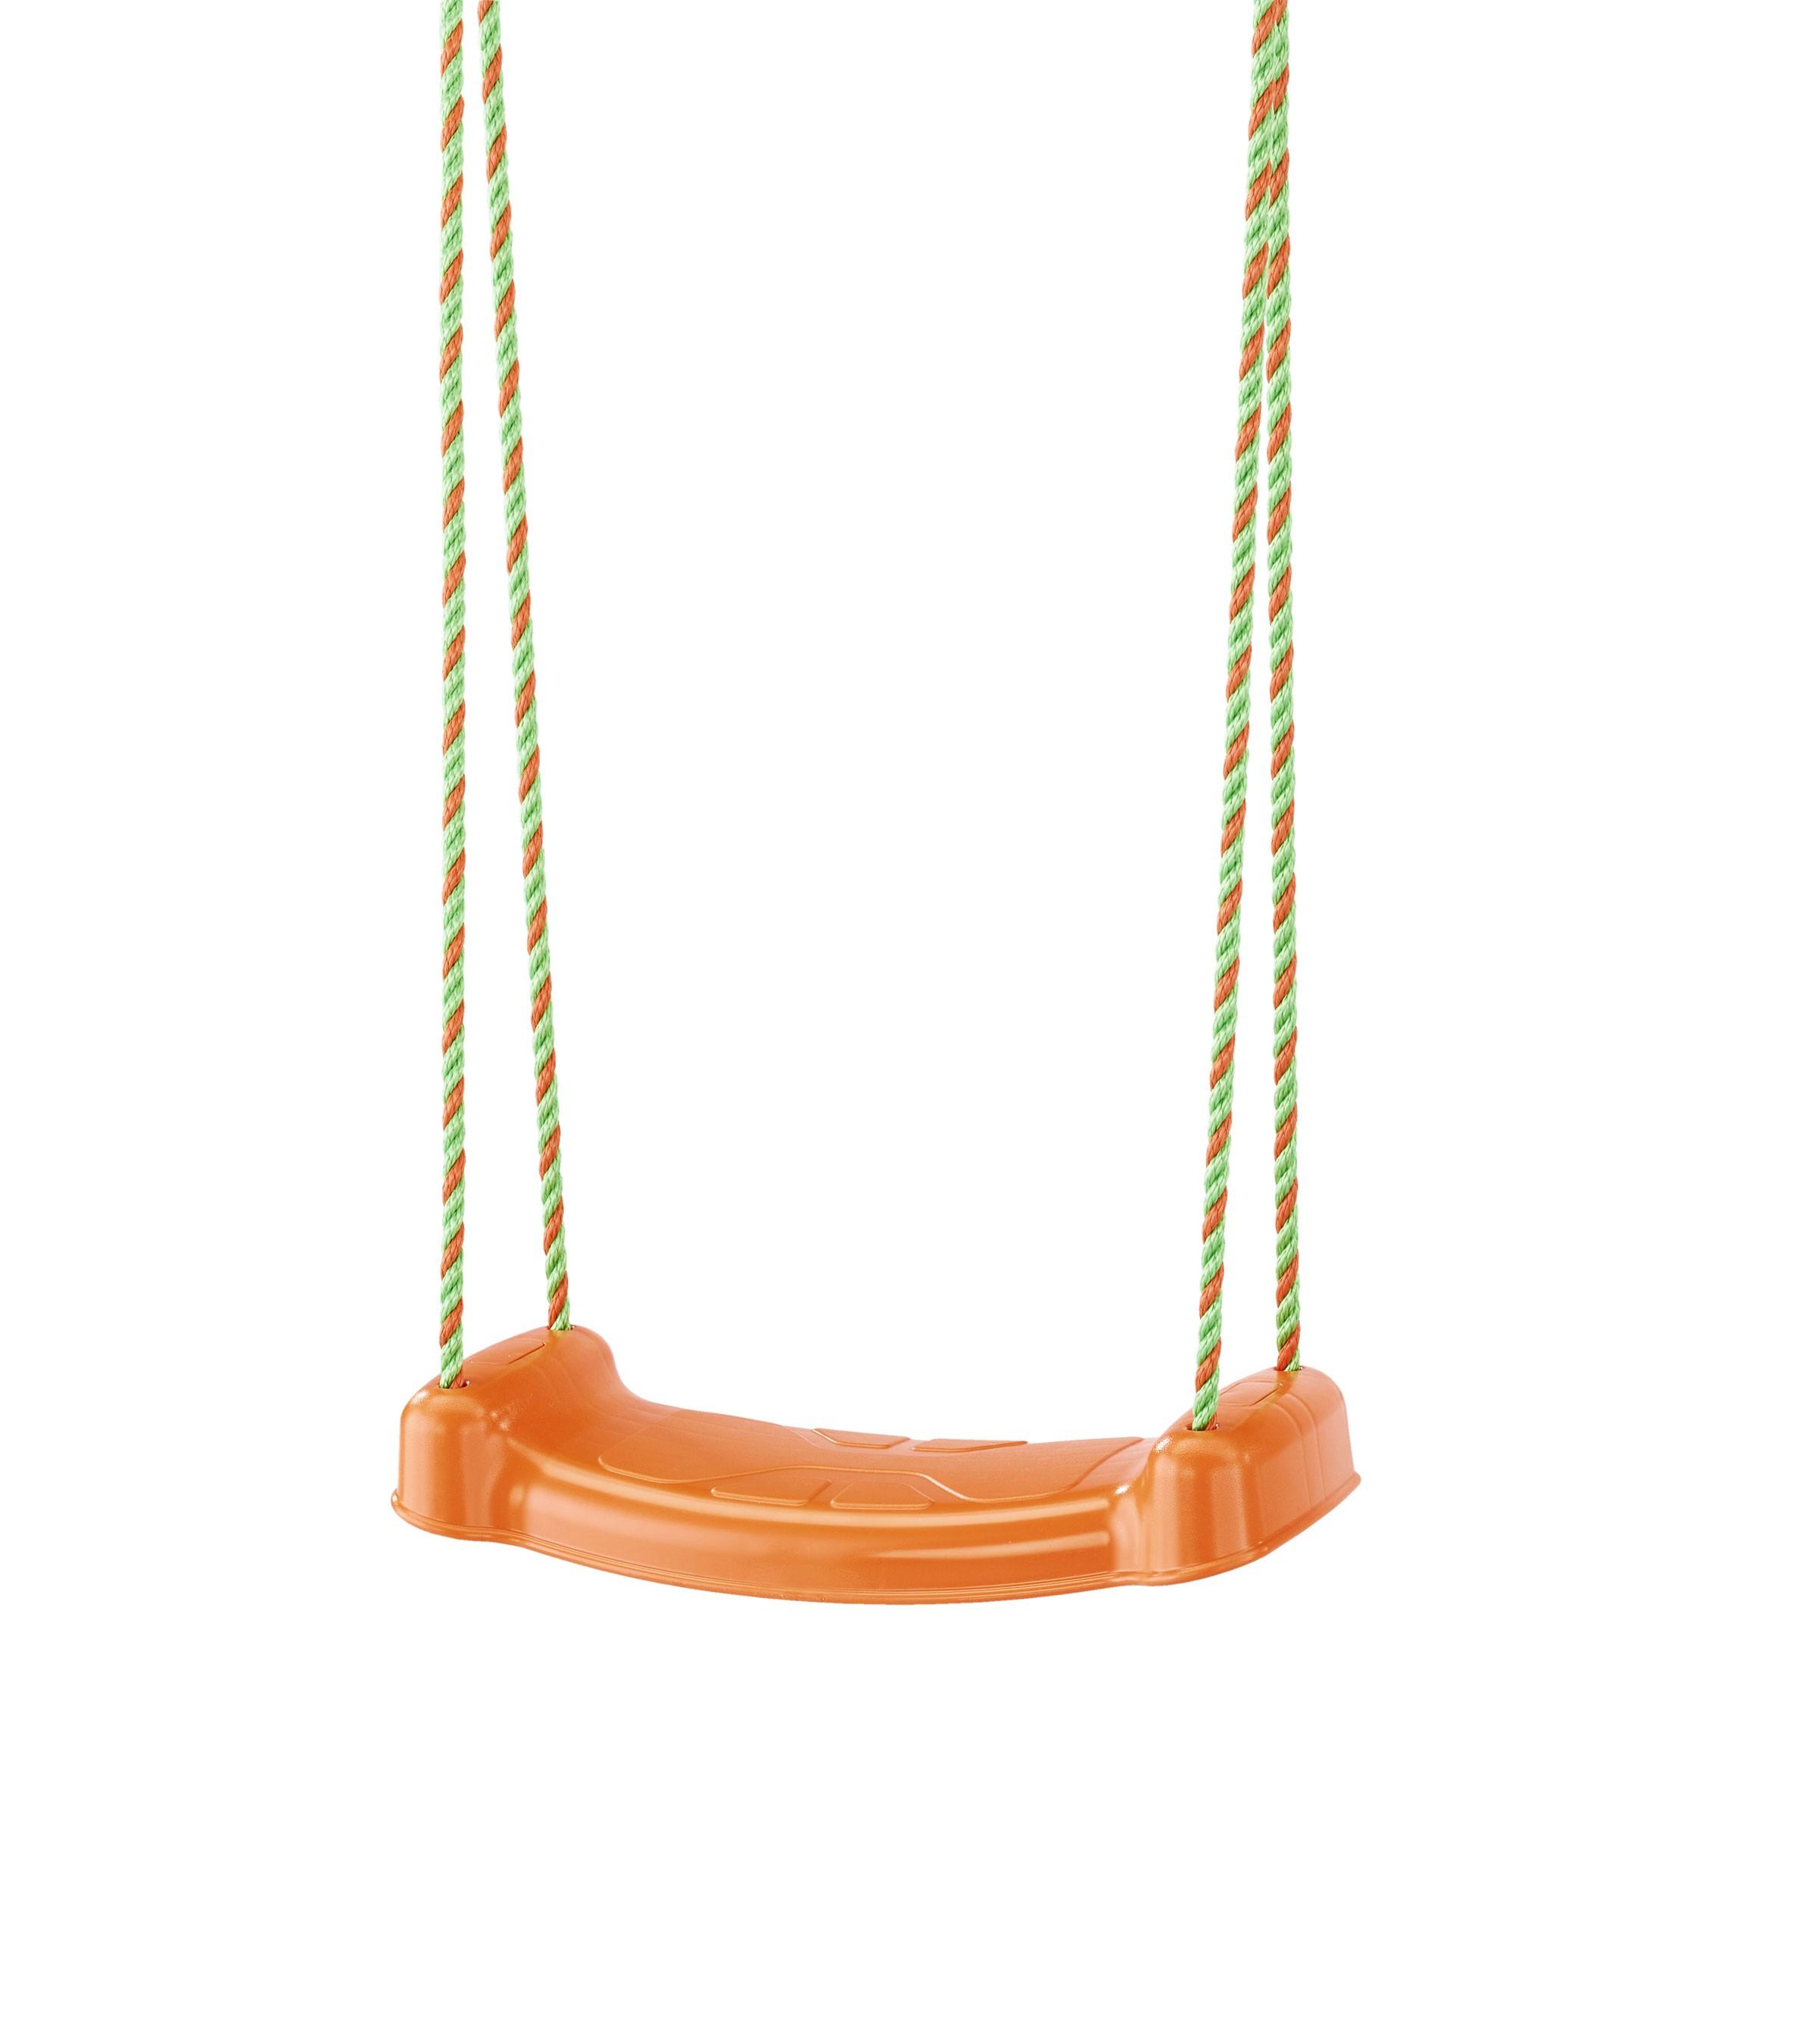 Brettschaukel / Schaukelsitz für Kettler Schaukel orange 0S04011-0010 Bild 1